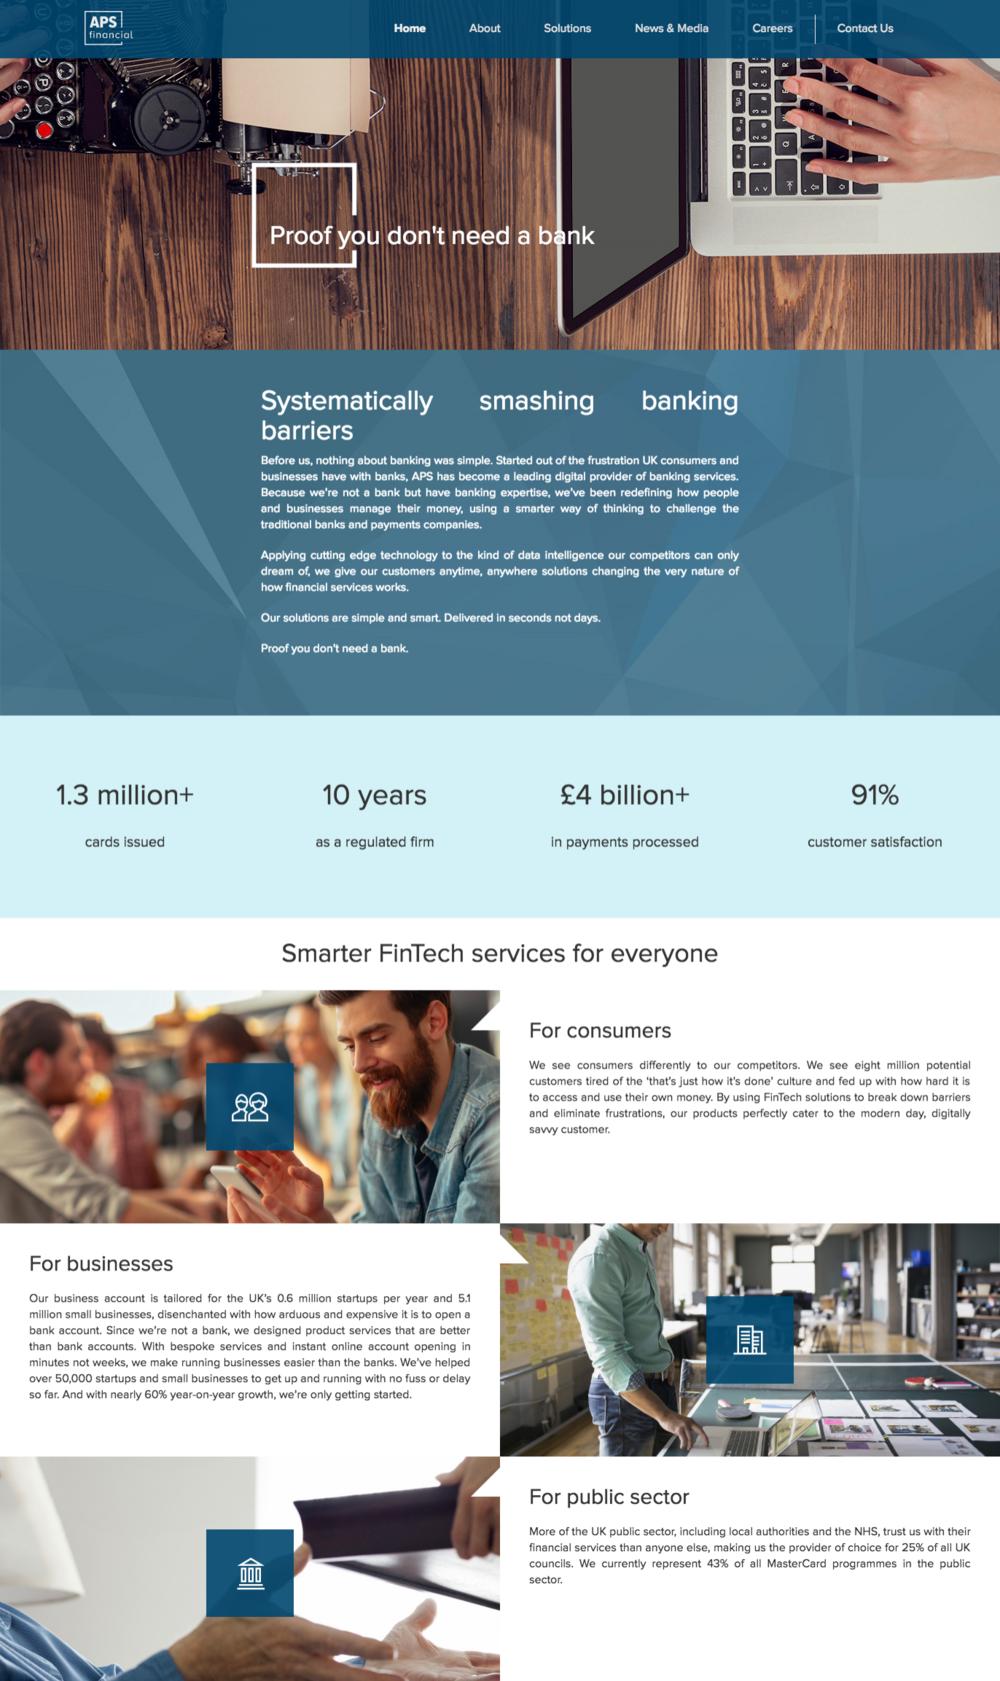 APS homepage